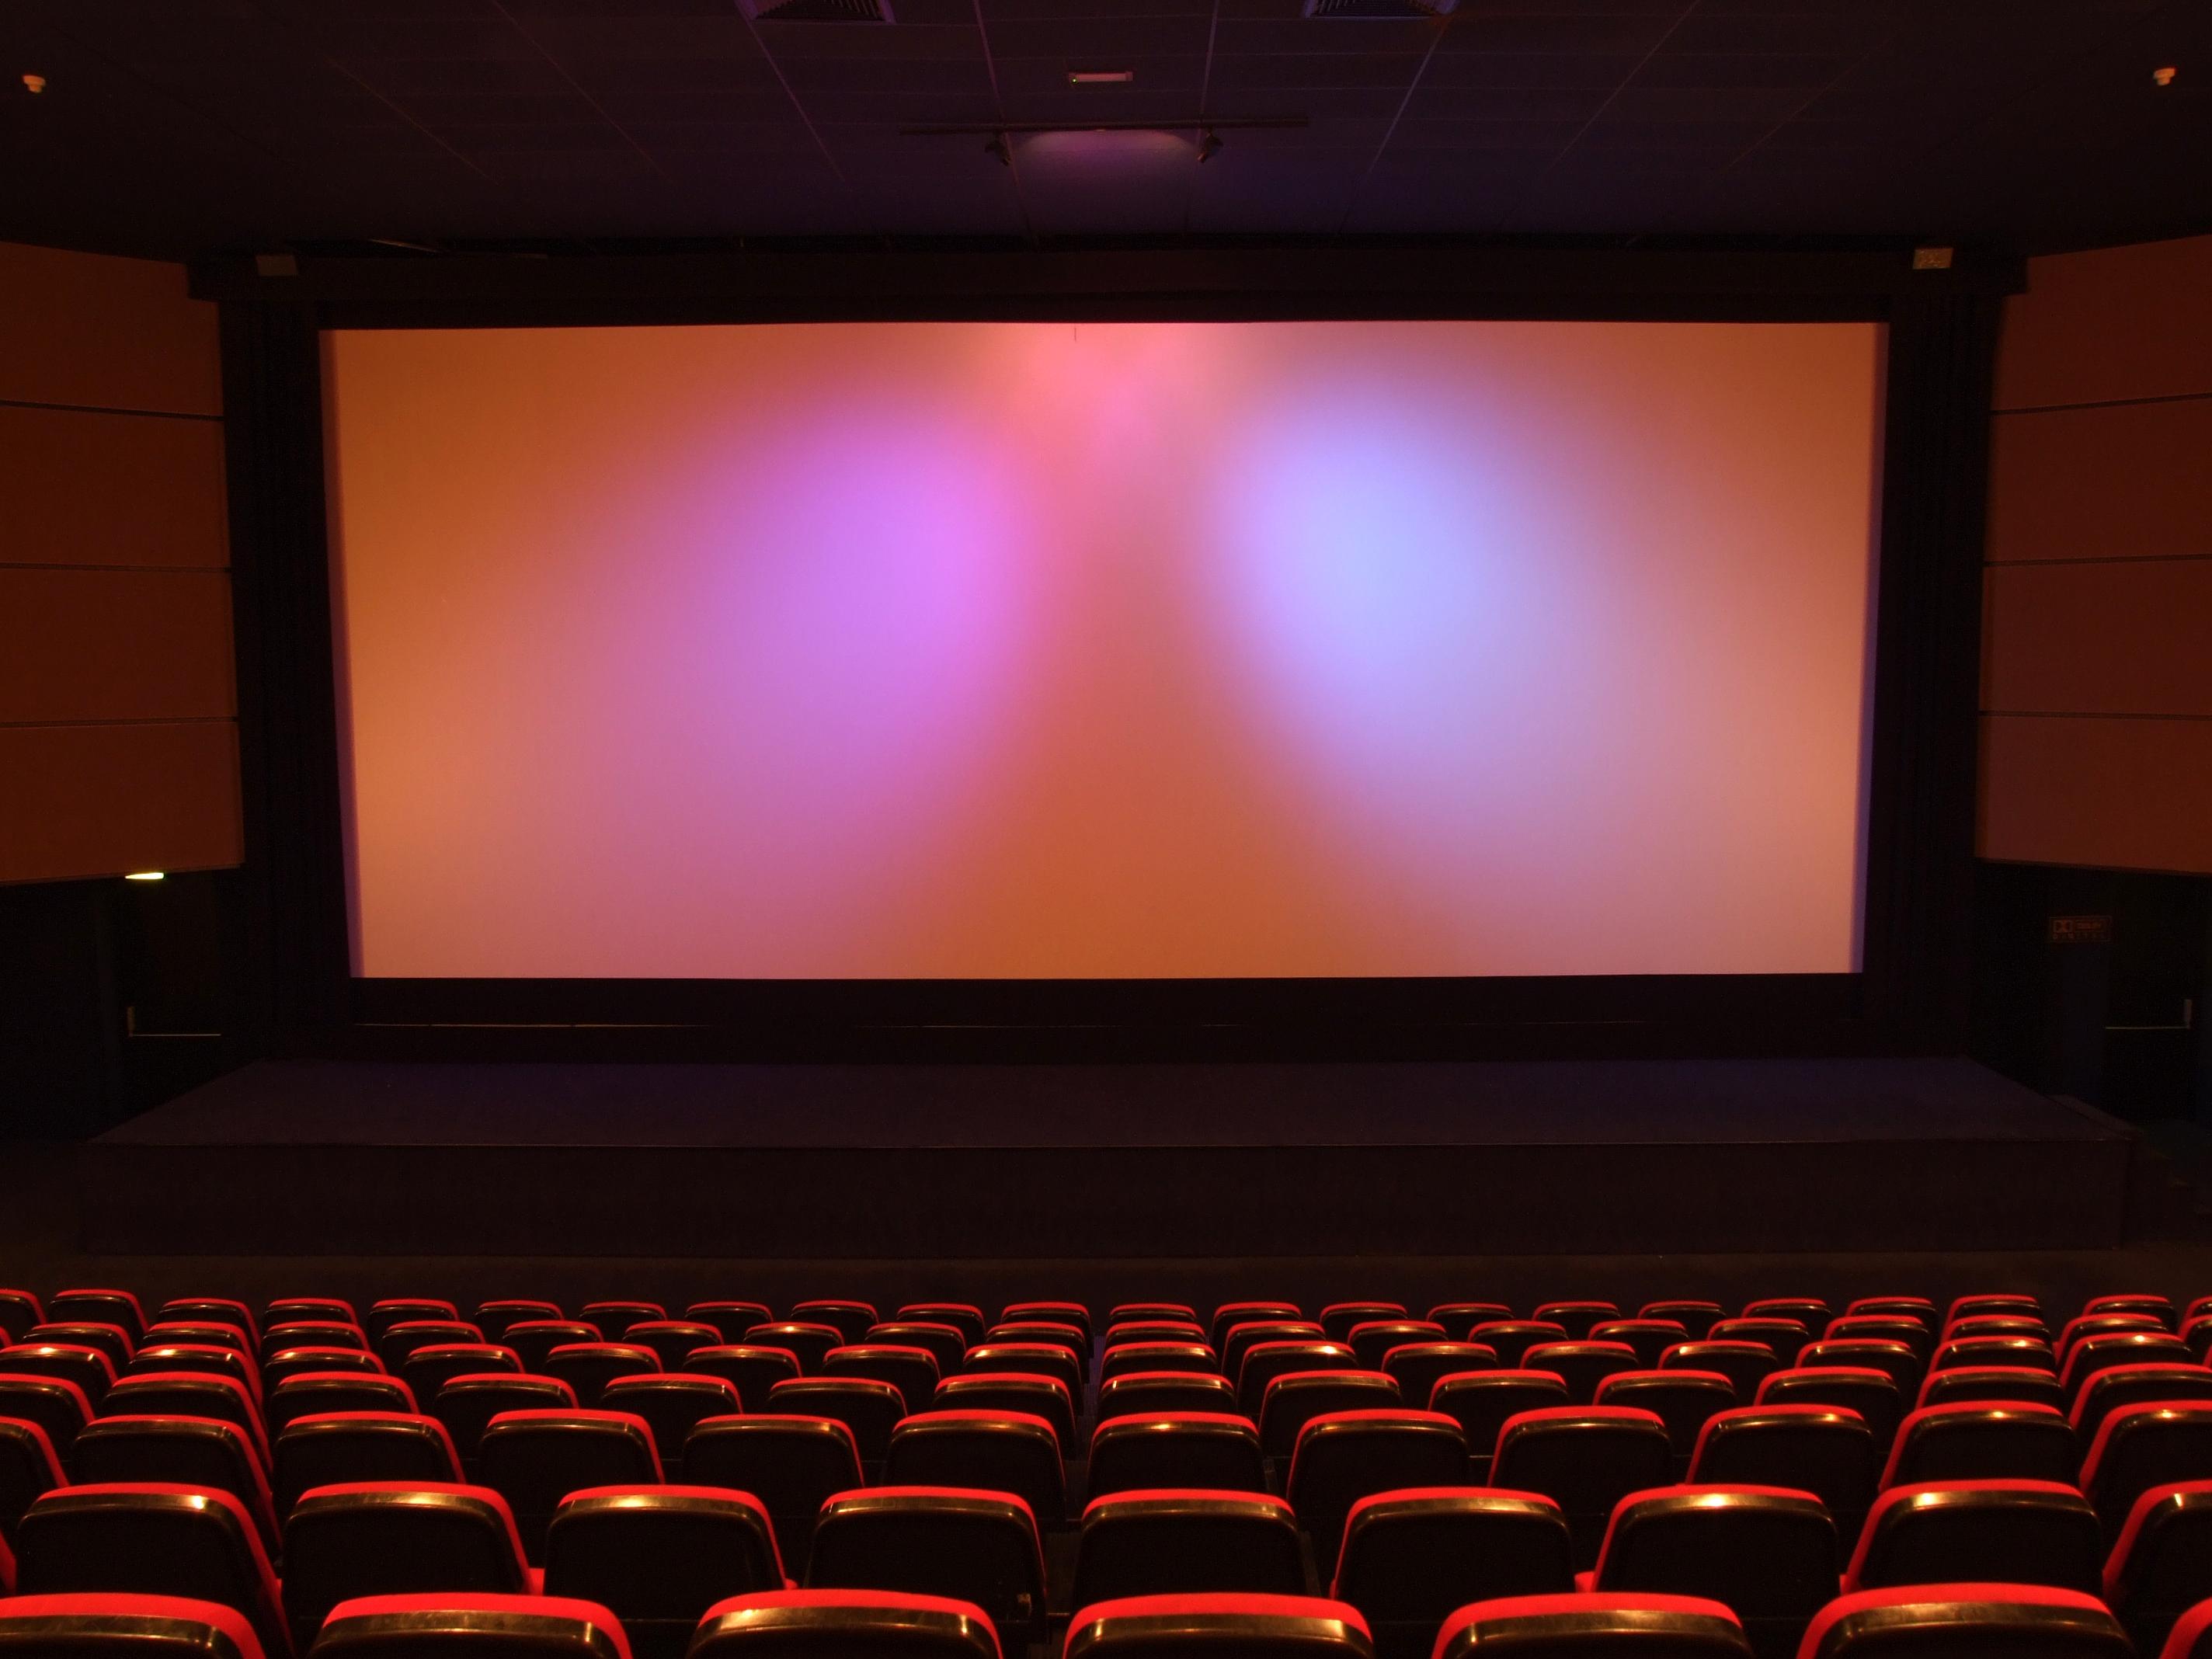 halv av bra priser ser bra ut försäljning Gå på bio med barn